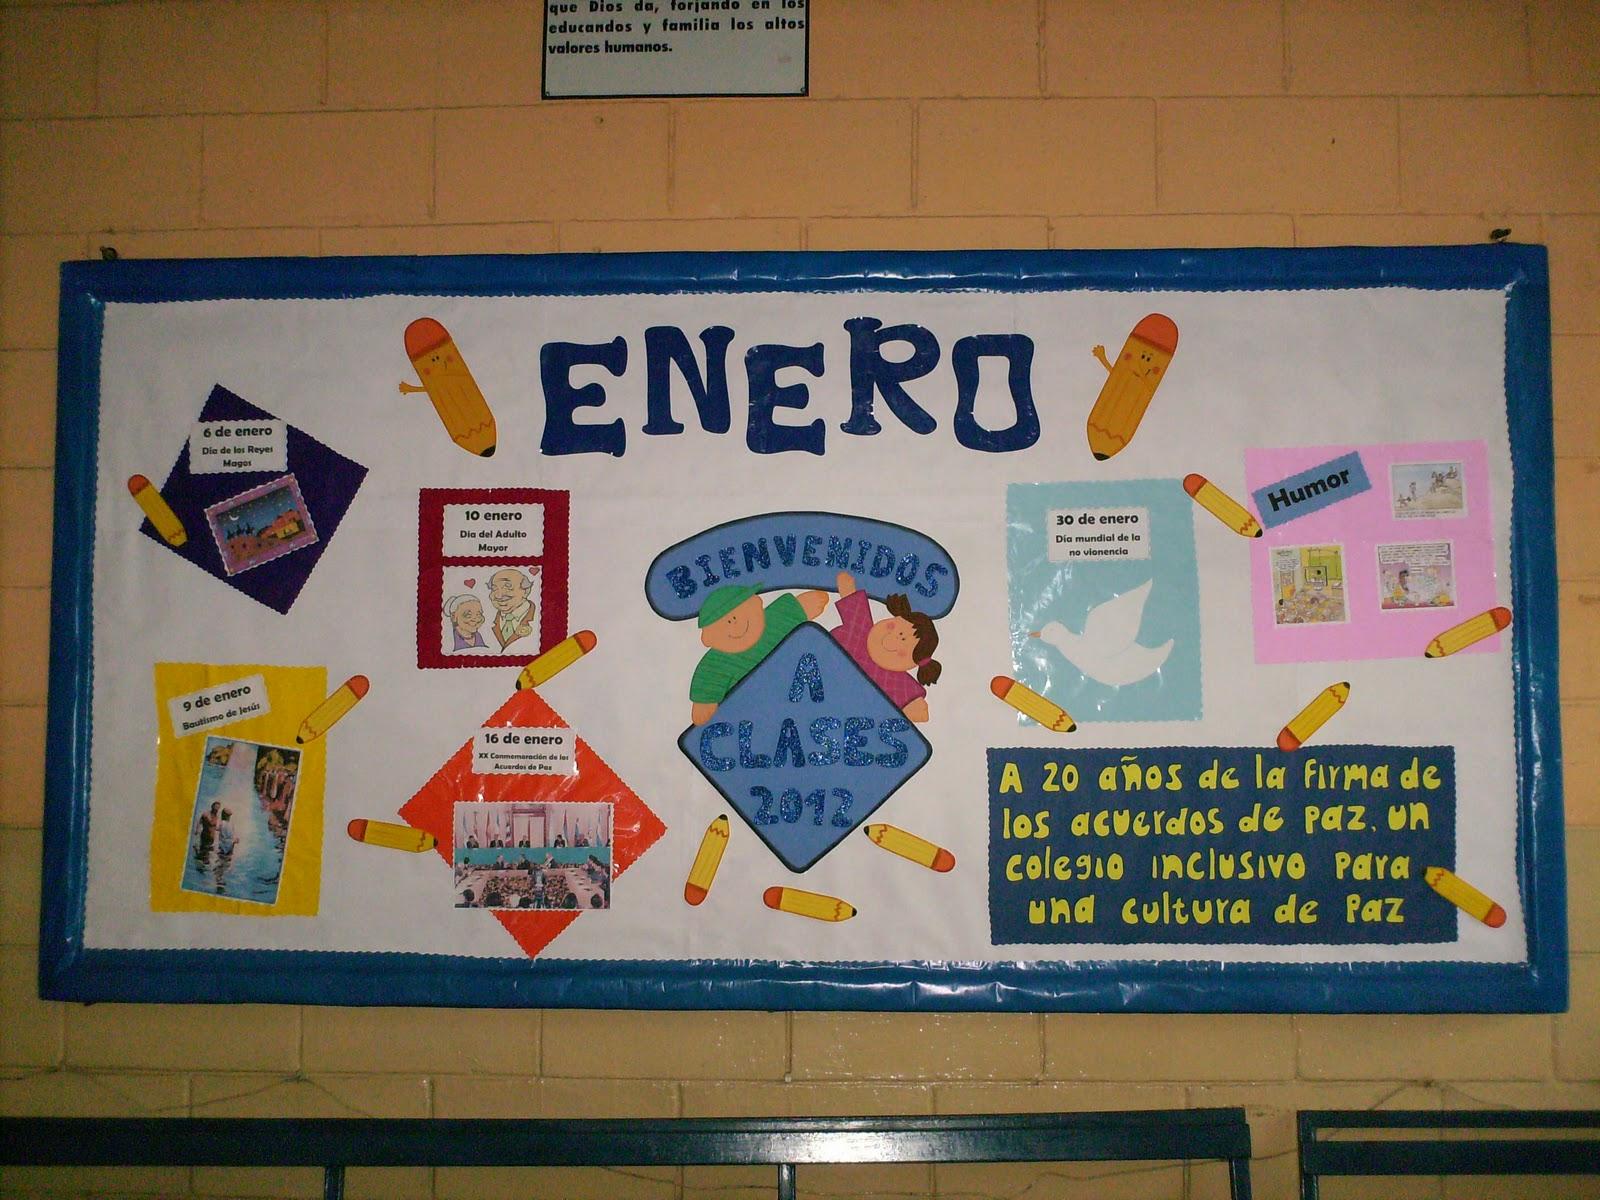 Periodico mura enero 2 imagenes educativas for Cuales son las secciones de un periodico mural